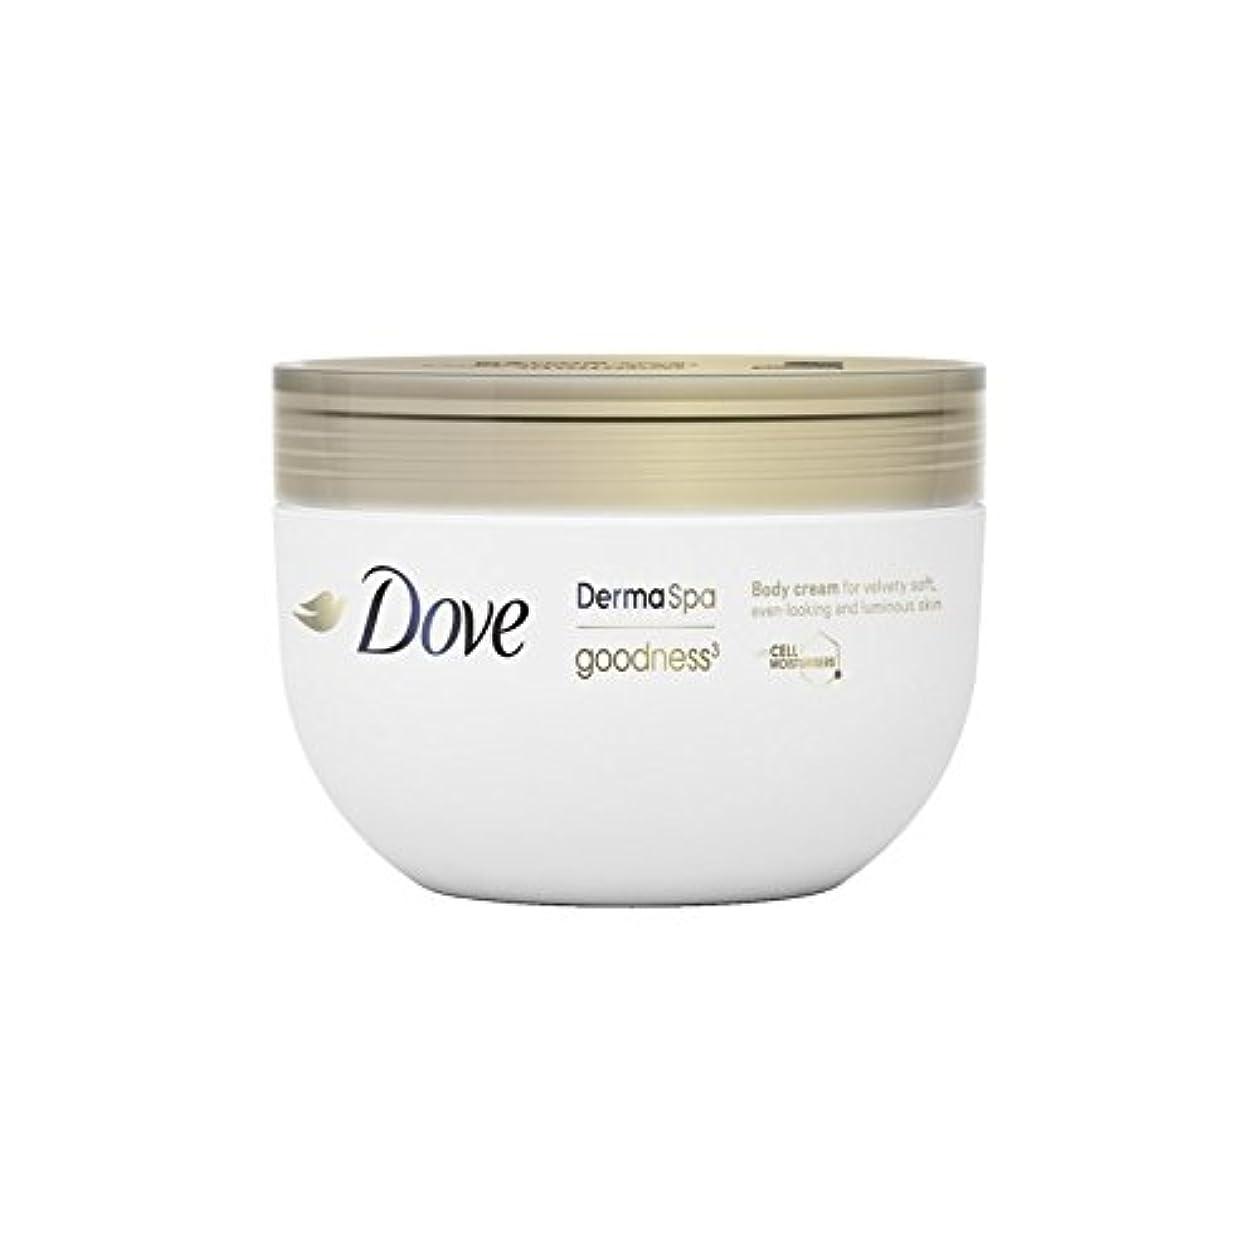 テーブルアーネストシャクルトン経歴鳩の3ボディクリーム(300ミリリットル) x4 - Dove DermaSpa Goodness3 Body Cream (300ml) (Pack of 4) [並行輸入品]